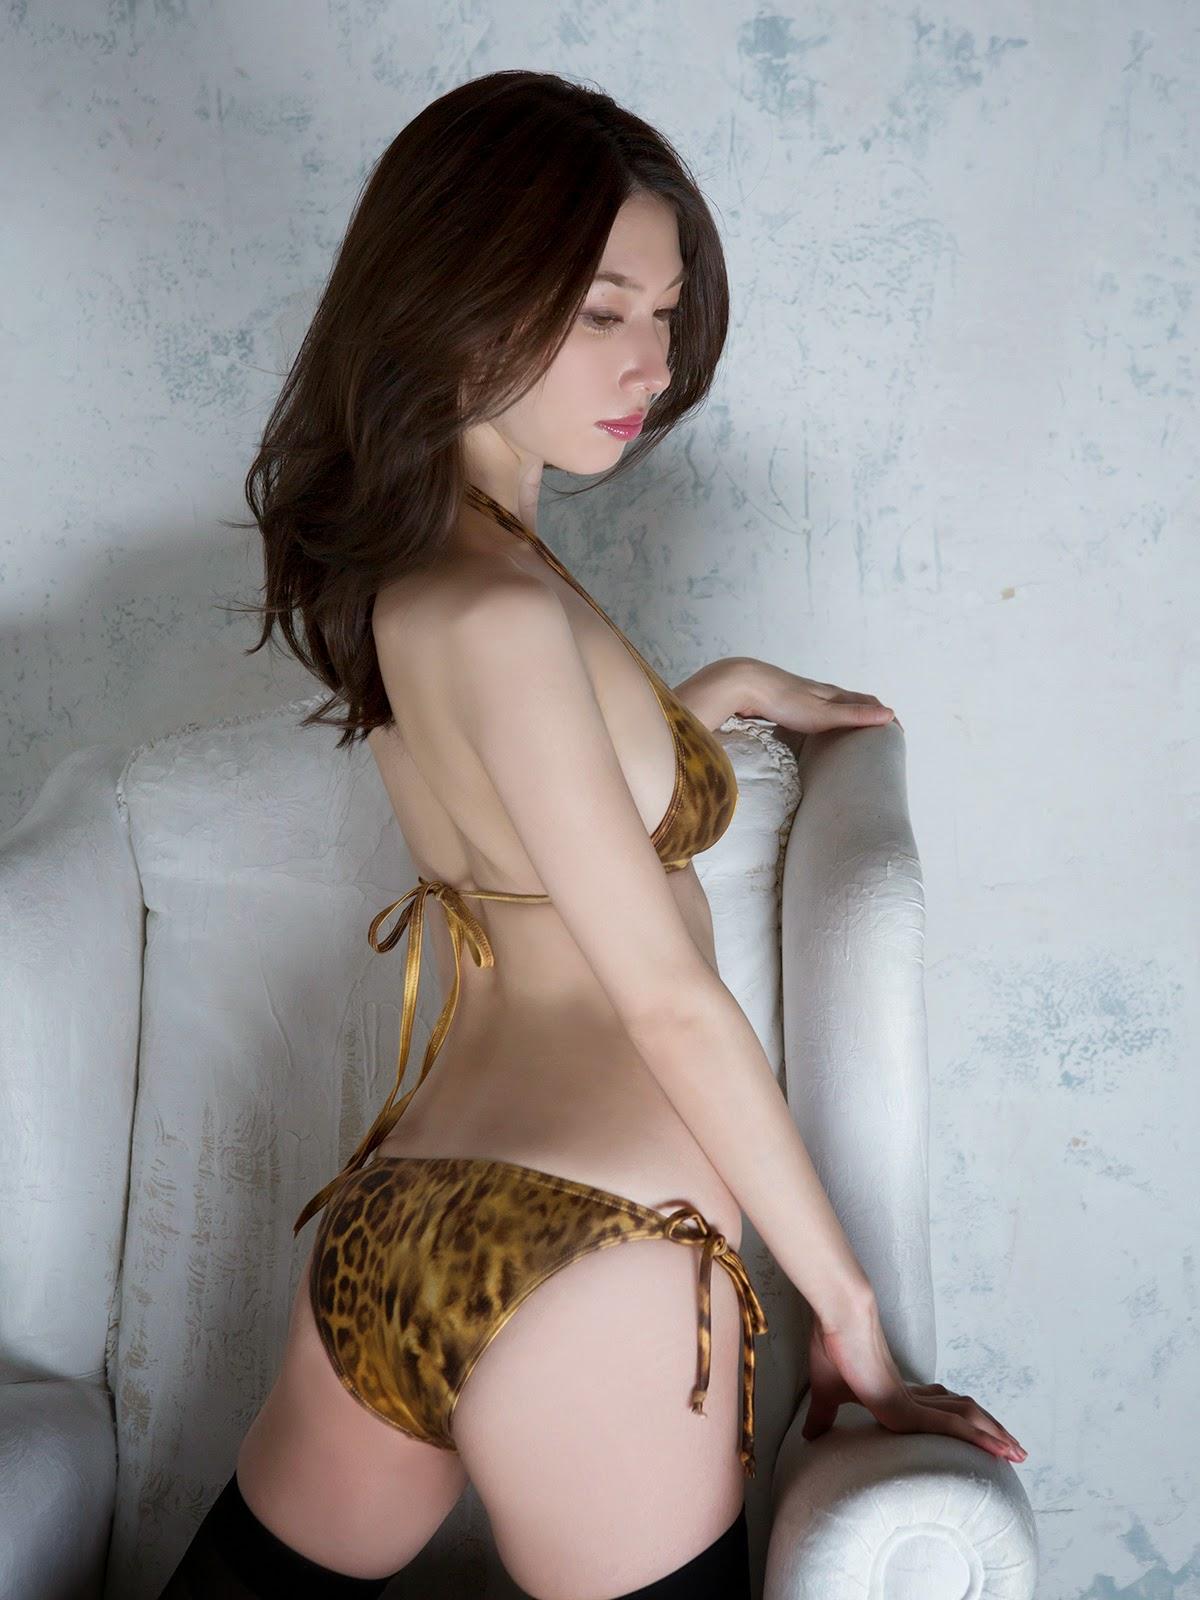 Idol Emi Kobayashi phim heo tạo dáng hấp dẫn 8